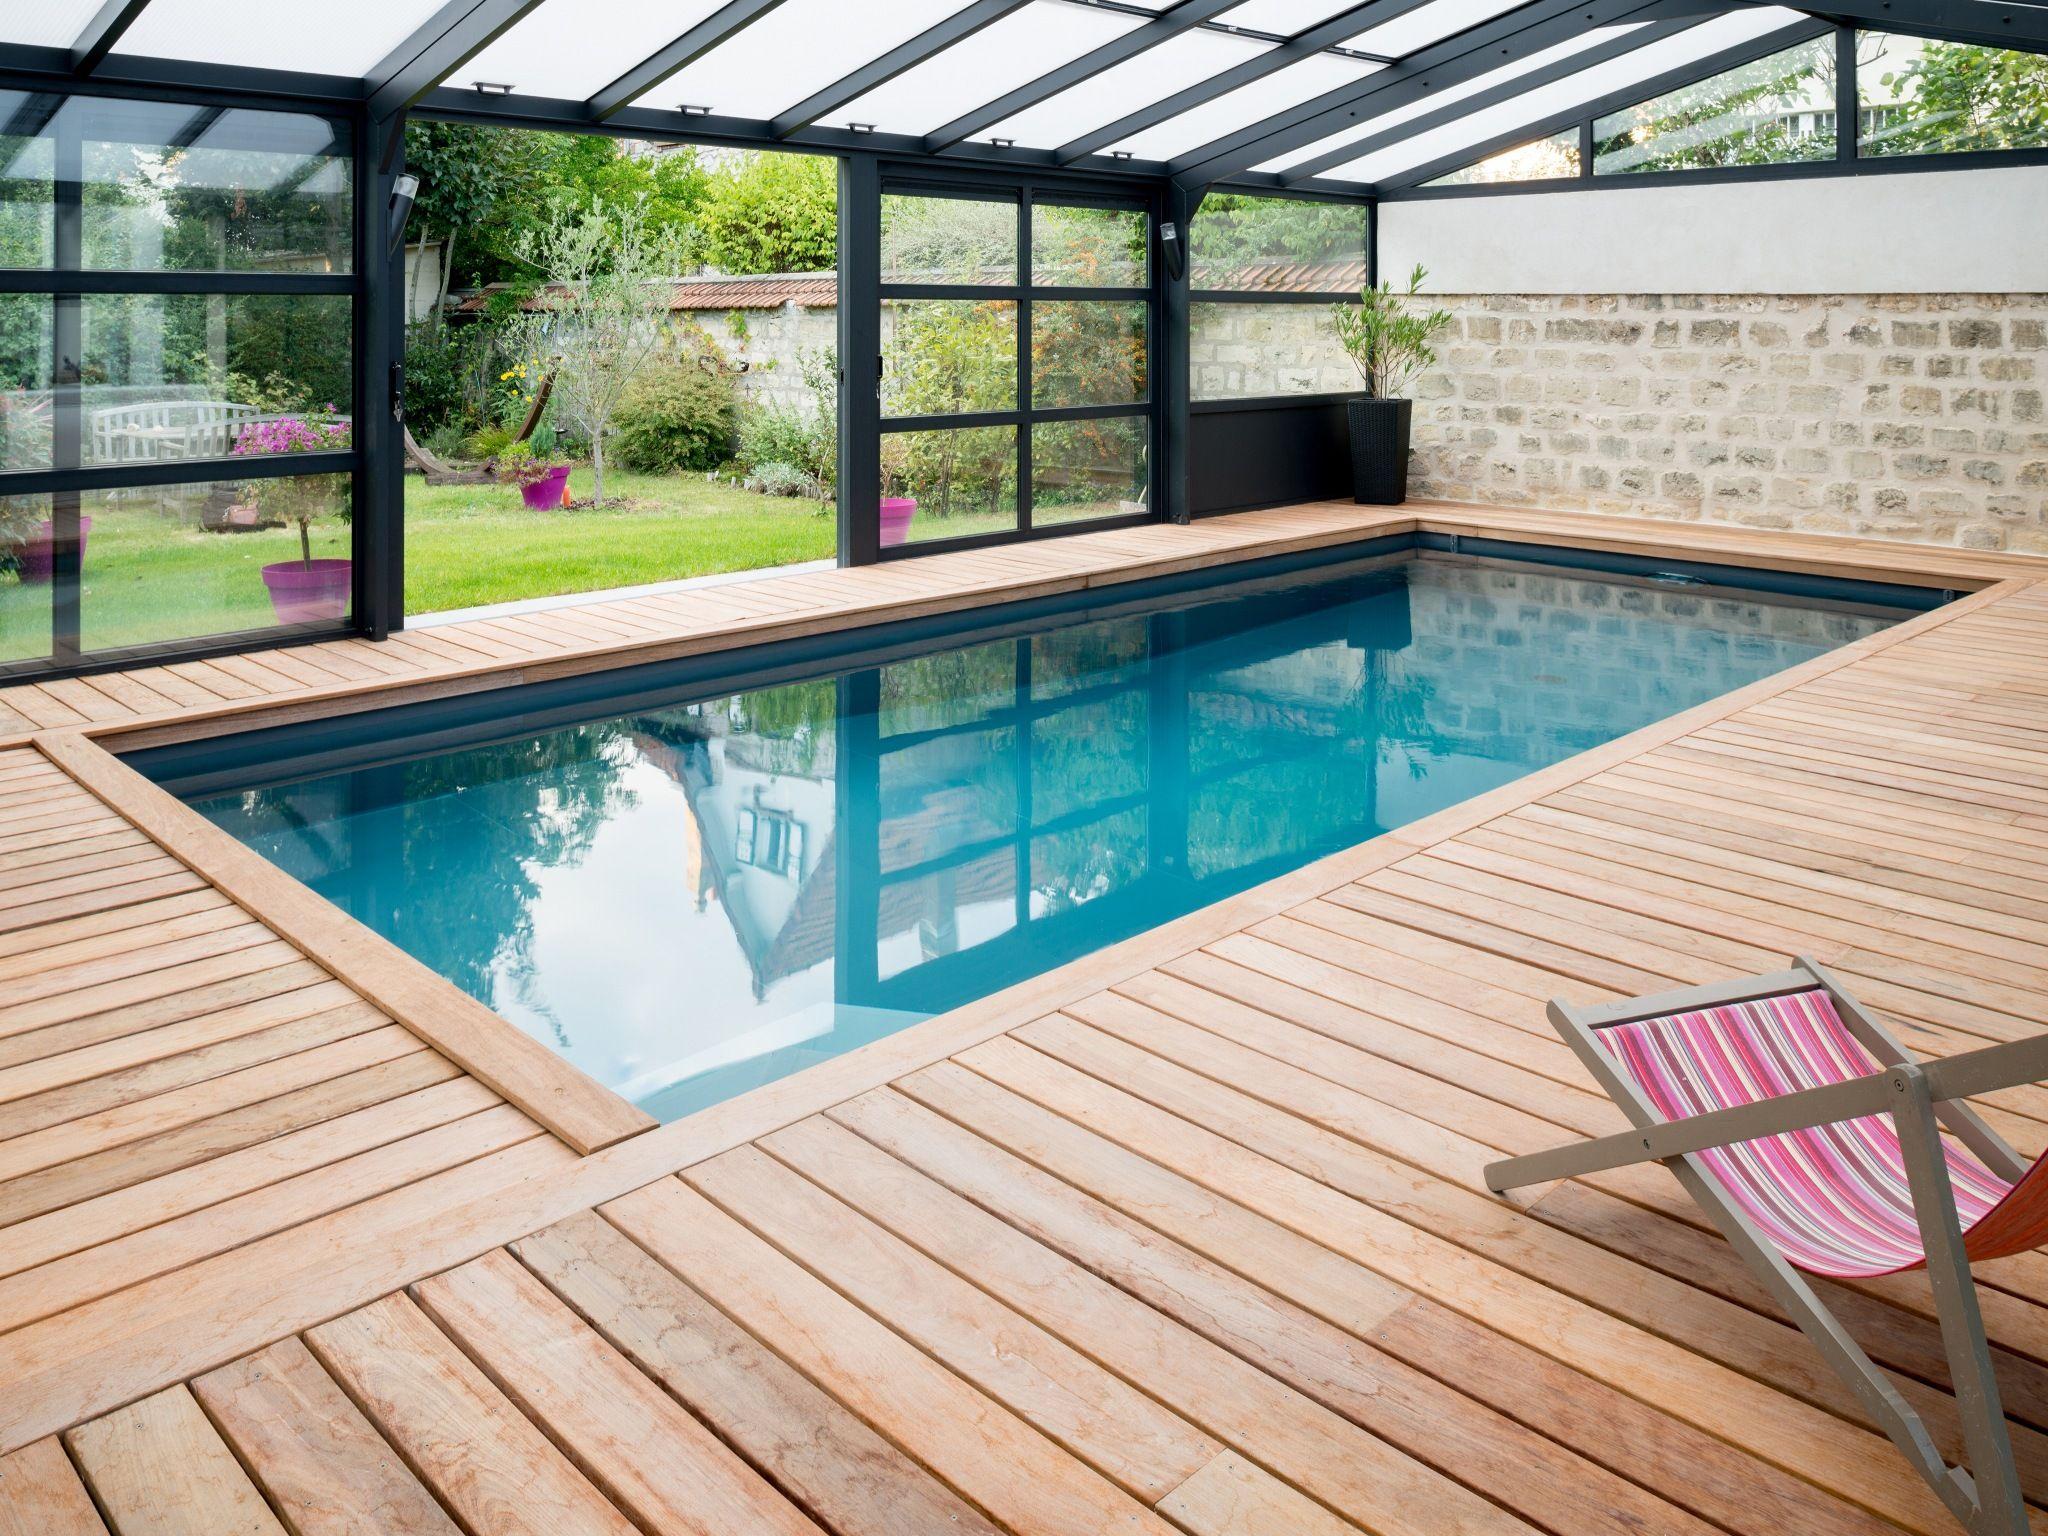 L'abri piscine par l'esprit piscine 8 x 3,5 m Revêtement